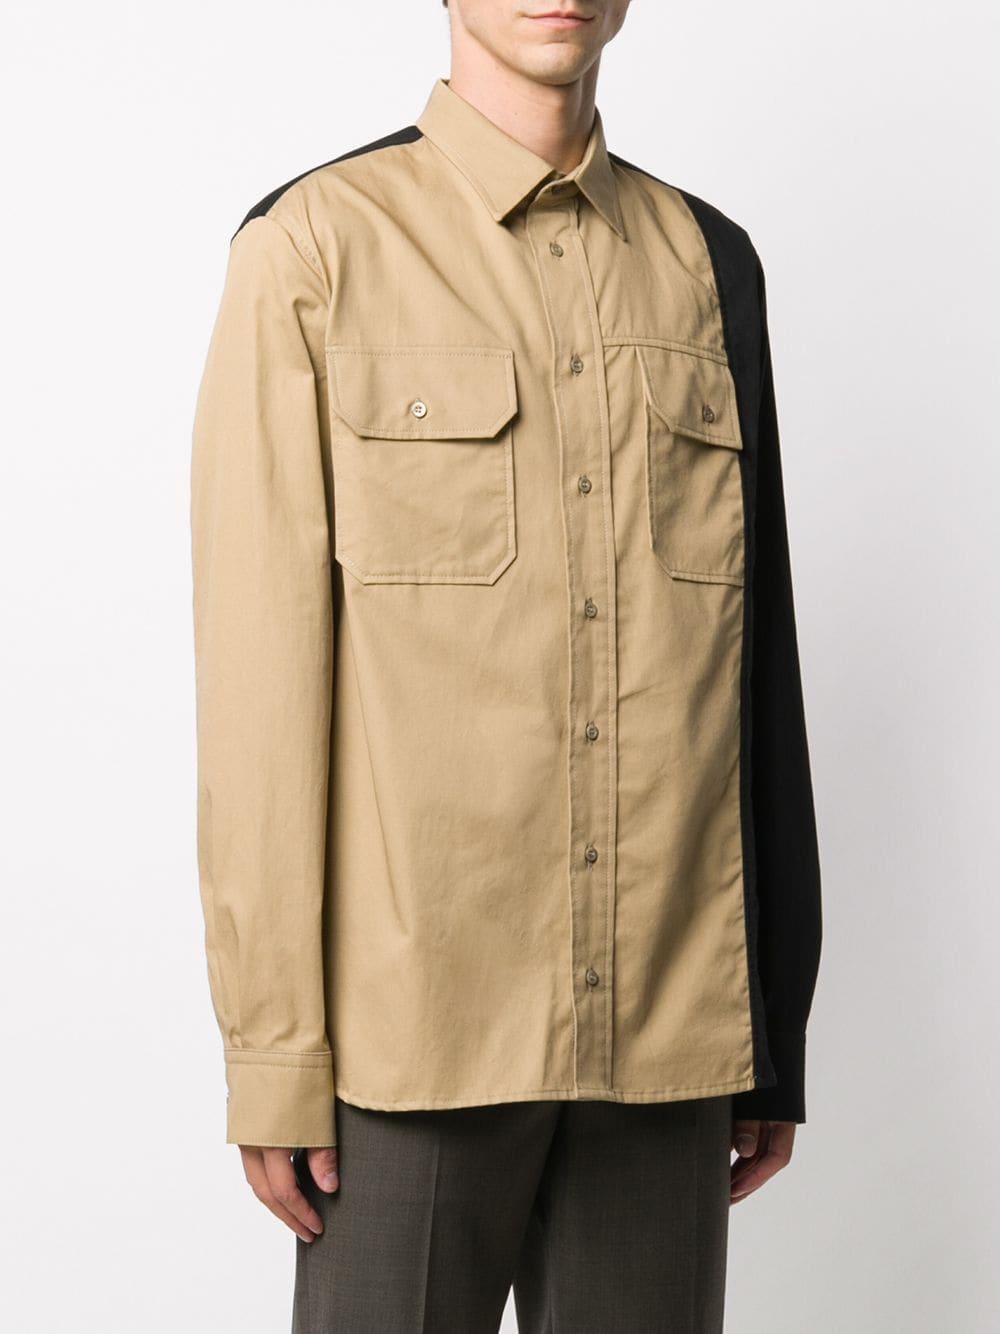 NEIL BARRETT NEIL BARRETT | Shirts | BCM1453P204C1862